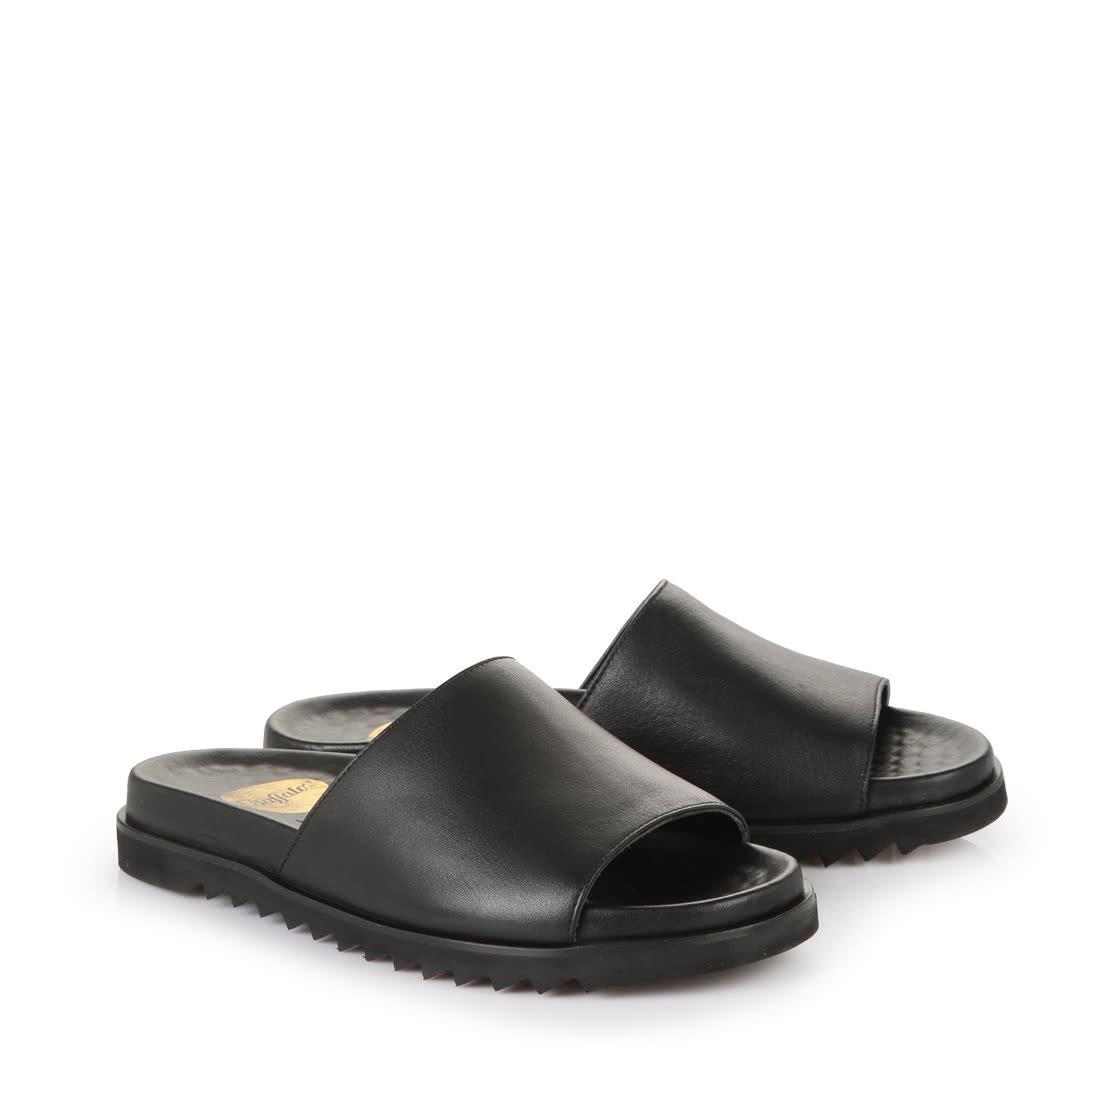 Buffalo Herren Sandale in schwarz aus Leder online kaufen